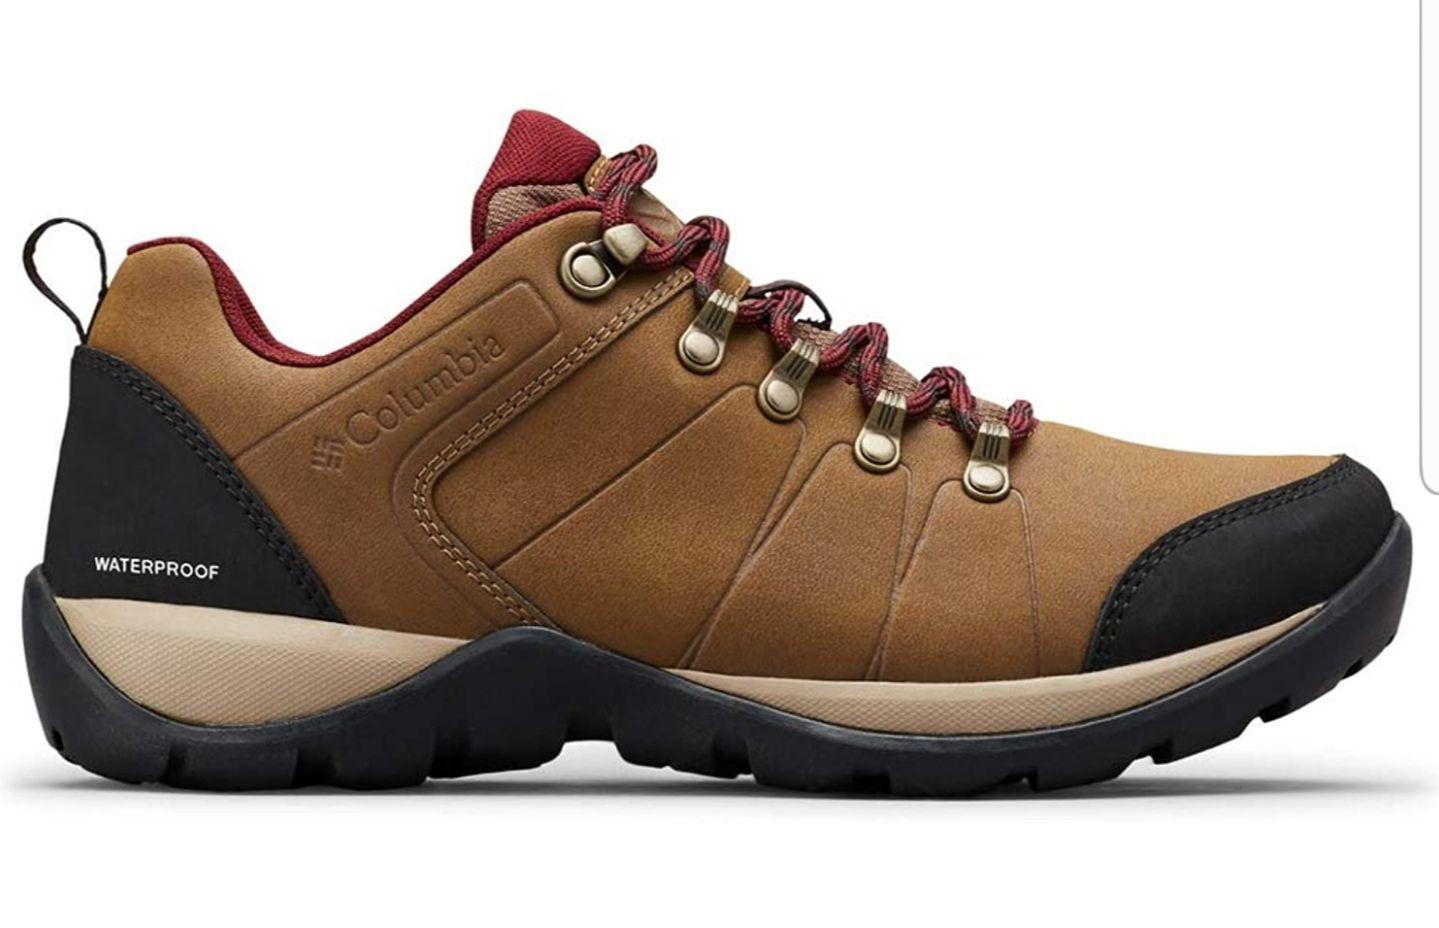 Columbia Fire Venture L II WP, Zapatos de Senderismo para Mujer - Número 42